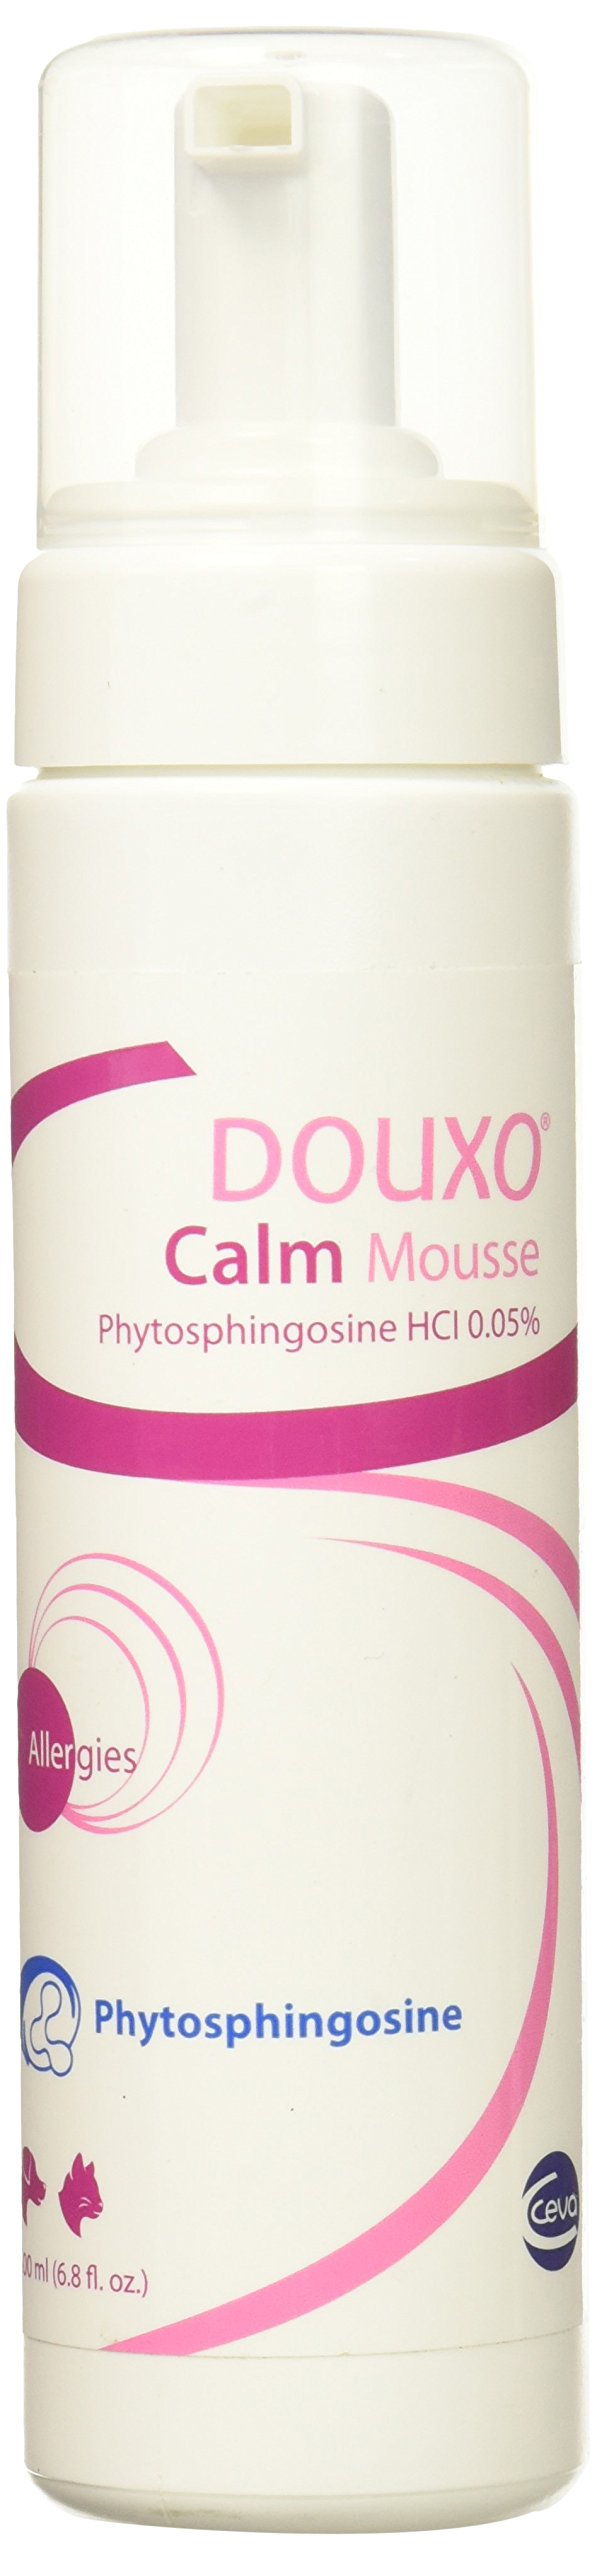 Douxo Calm Mousse (6.8 oz) by Douxo (Image #1)